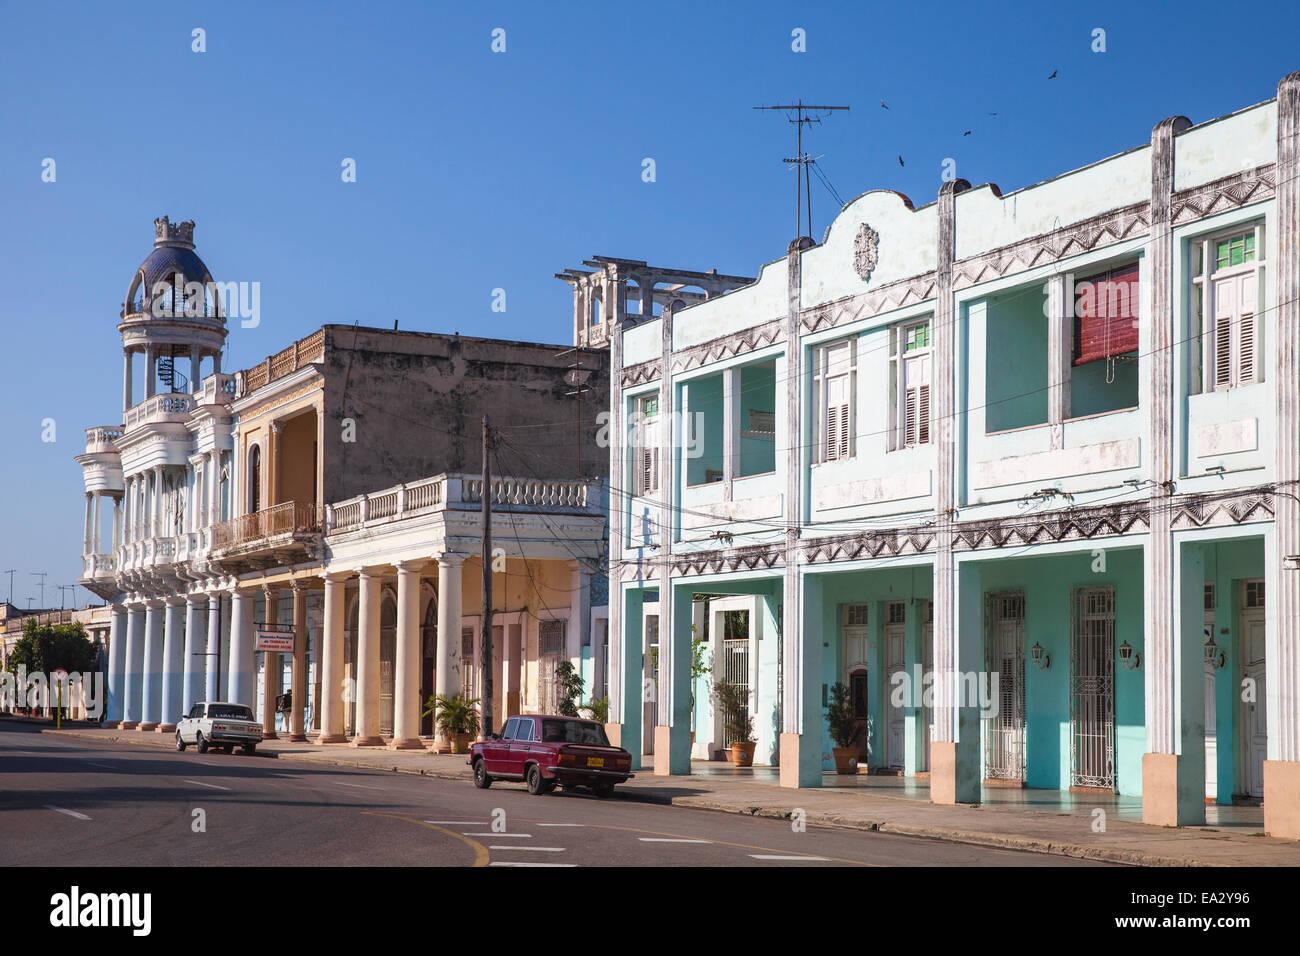 Casa de la Cultura Beniamino Duarte, ex Palacio de Ferrer, Parque Marta, Cienfuegos Cienfuegos, Provincia, Cuba Immagini Stock